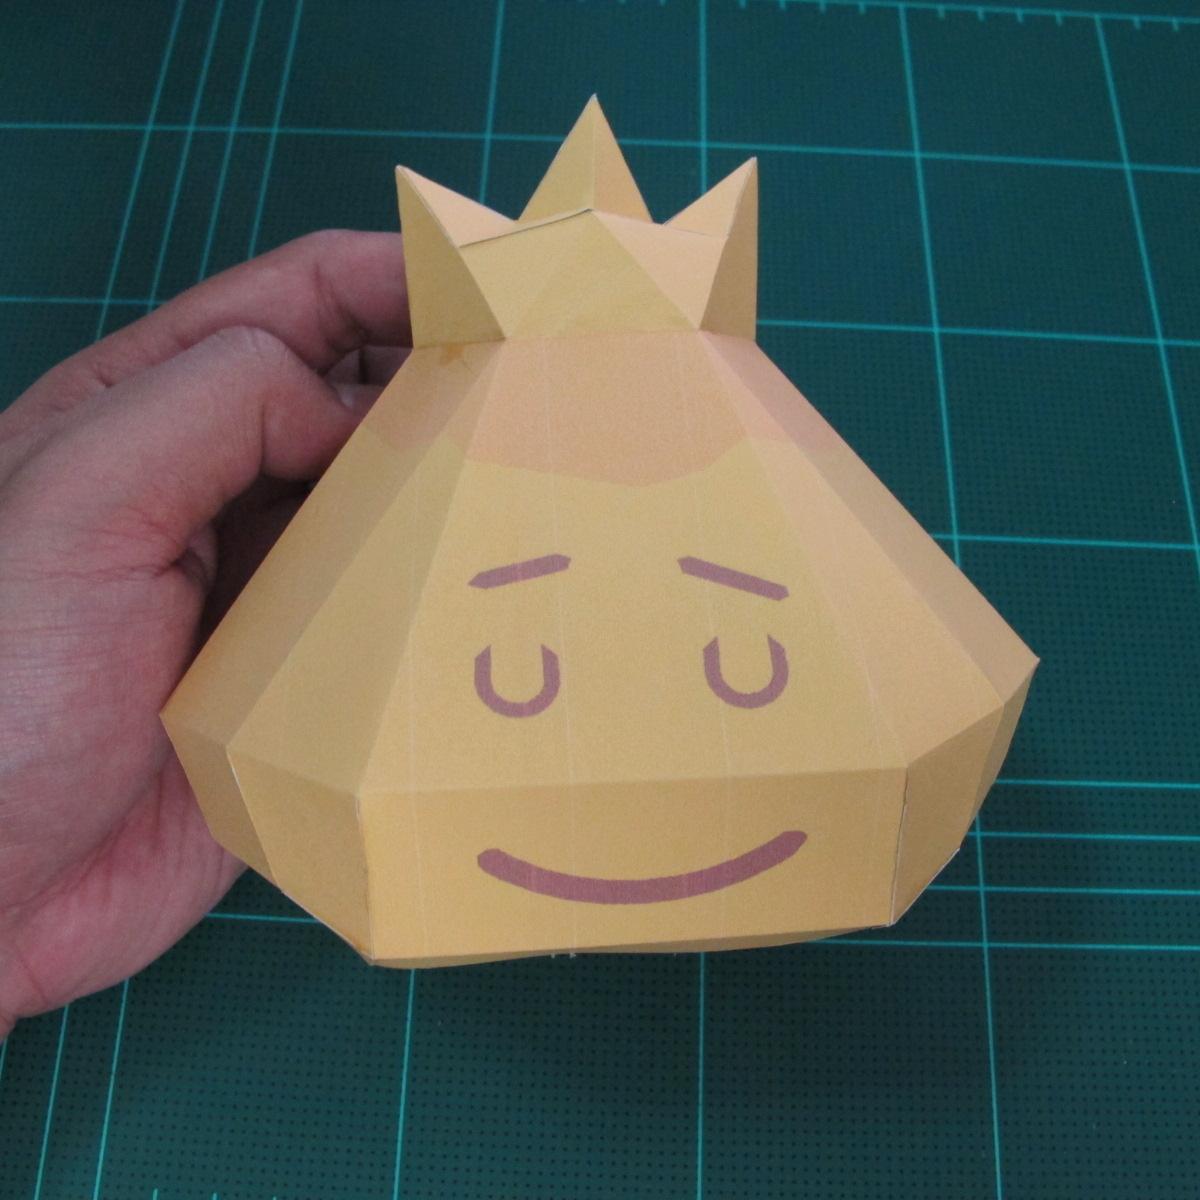 วิธีทำโมเดลกระดาษตุ้กตาสัตว์เลี้ยง หยดทองจากเกมส์ คุกกี้รัน (LINE Cookie Run Gold Drop Papercraft Model - クッキーラン  「黄金ドロップ」 ペーパークラフト) 015